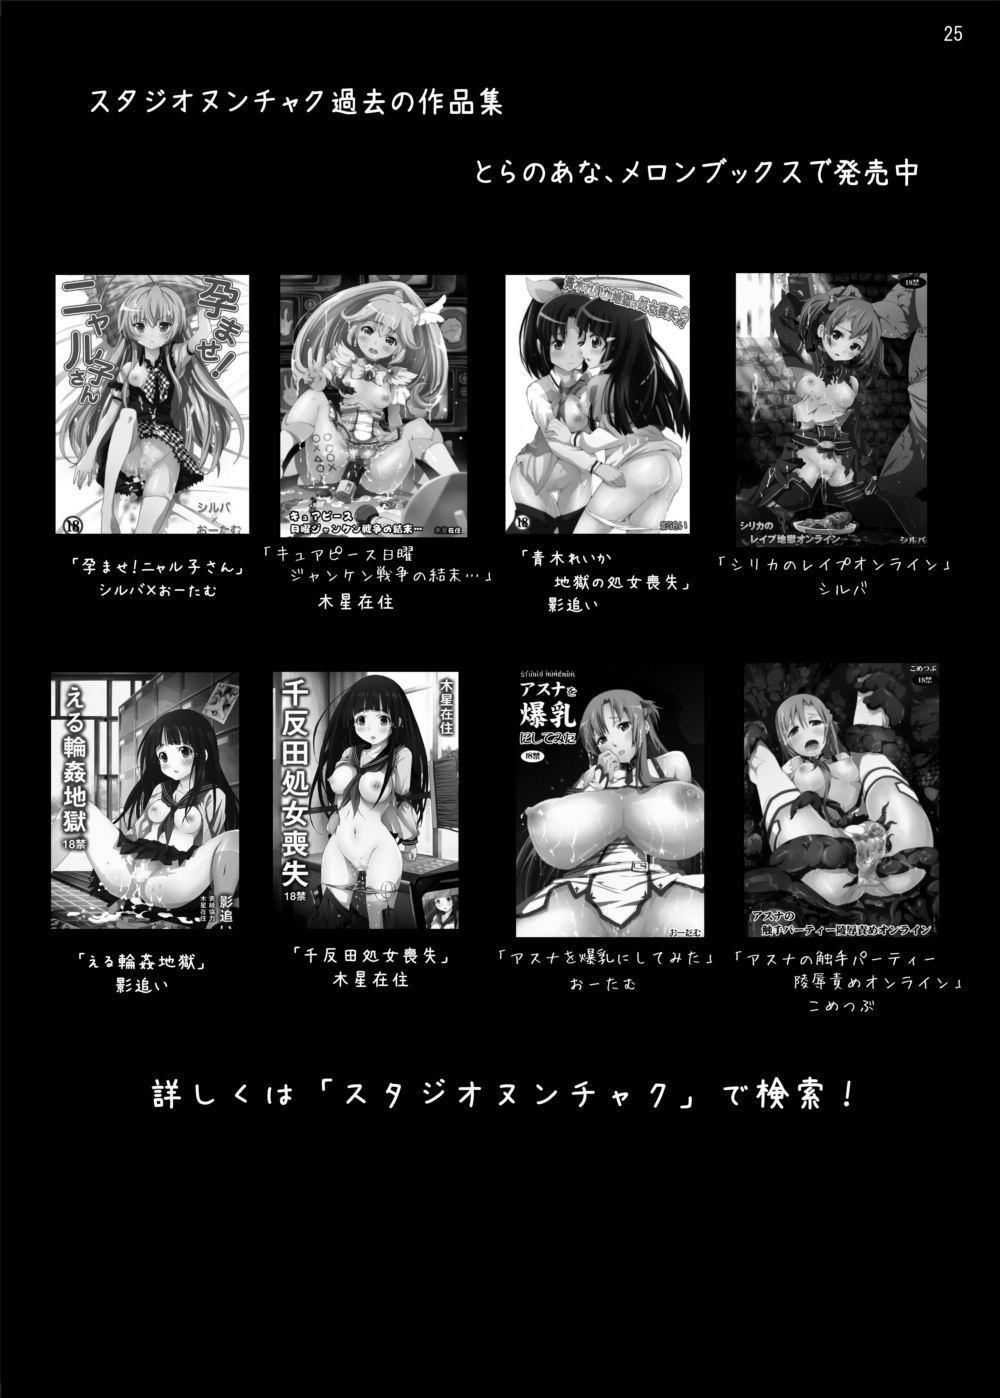 Silica no Rape Jigoku Online 23